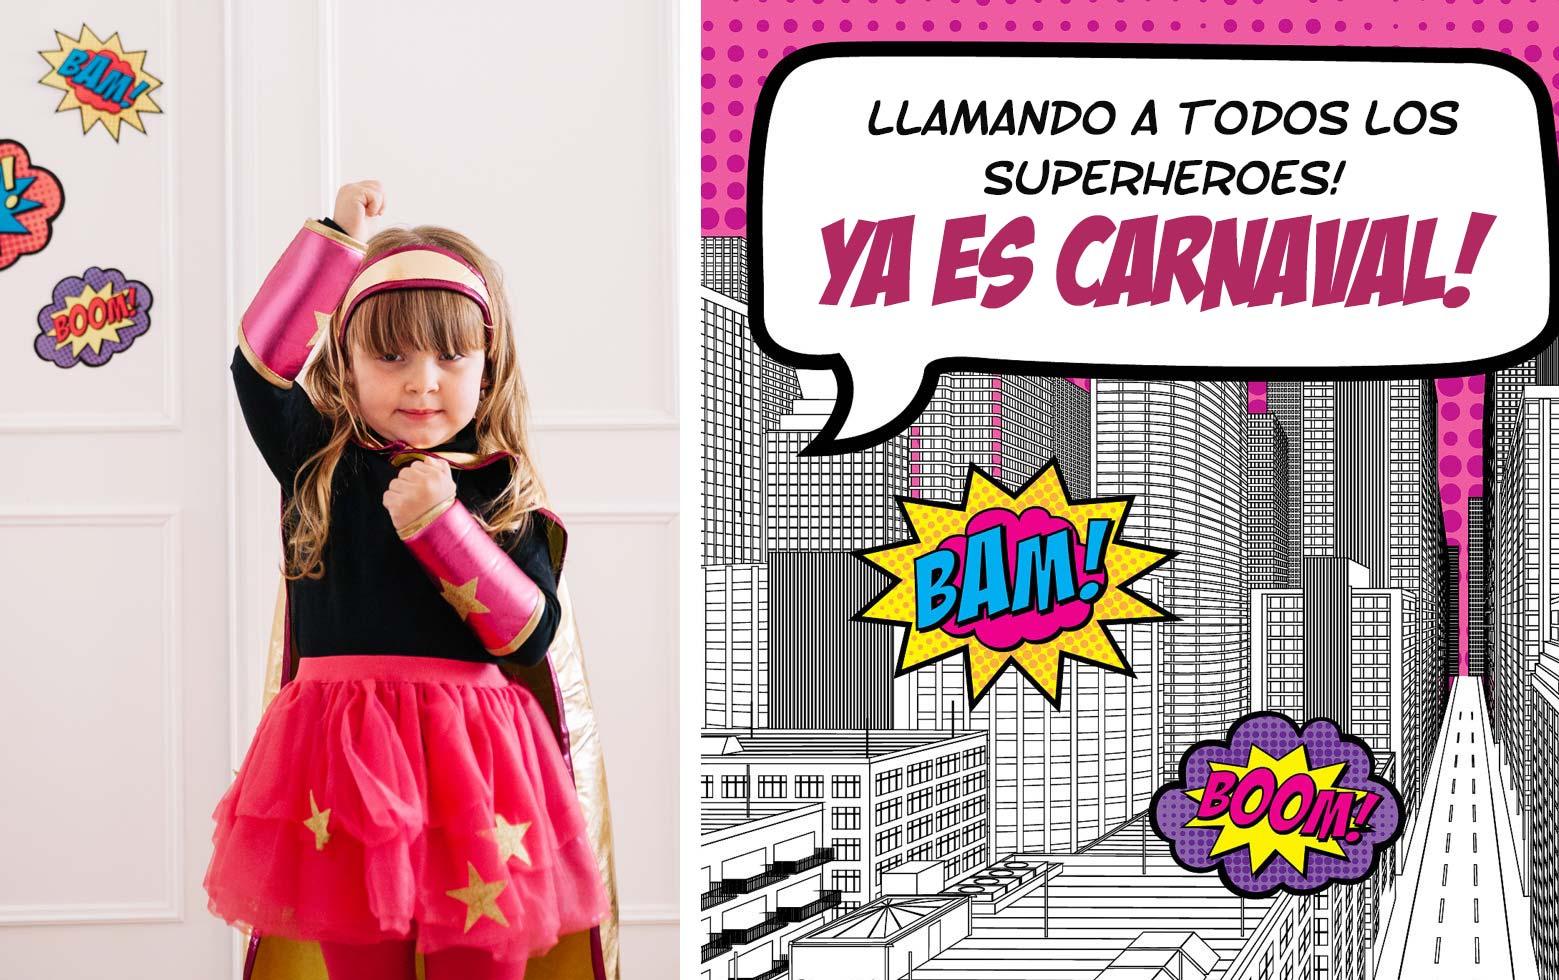 Carnaval_superheroes